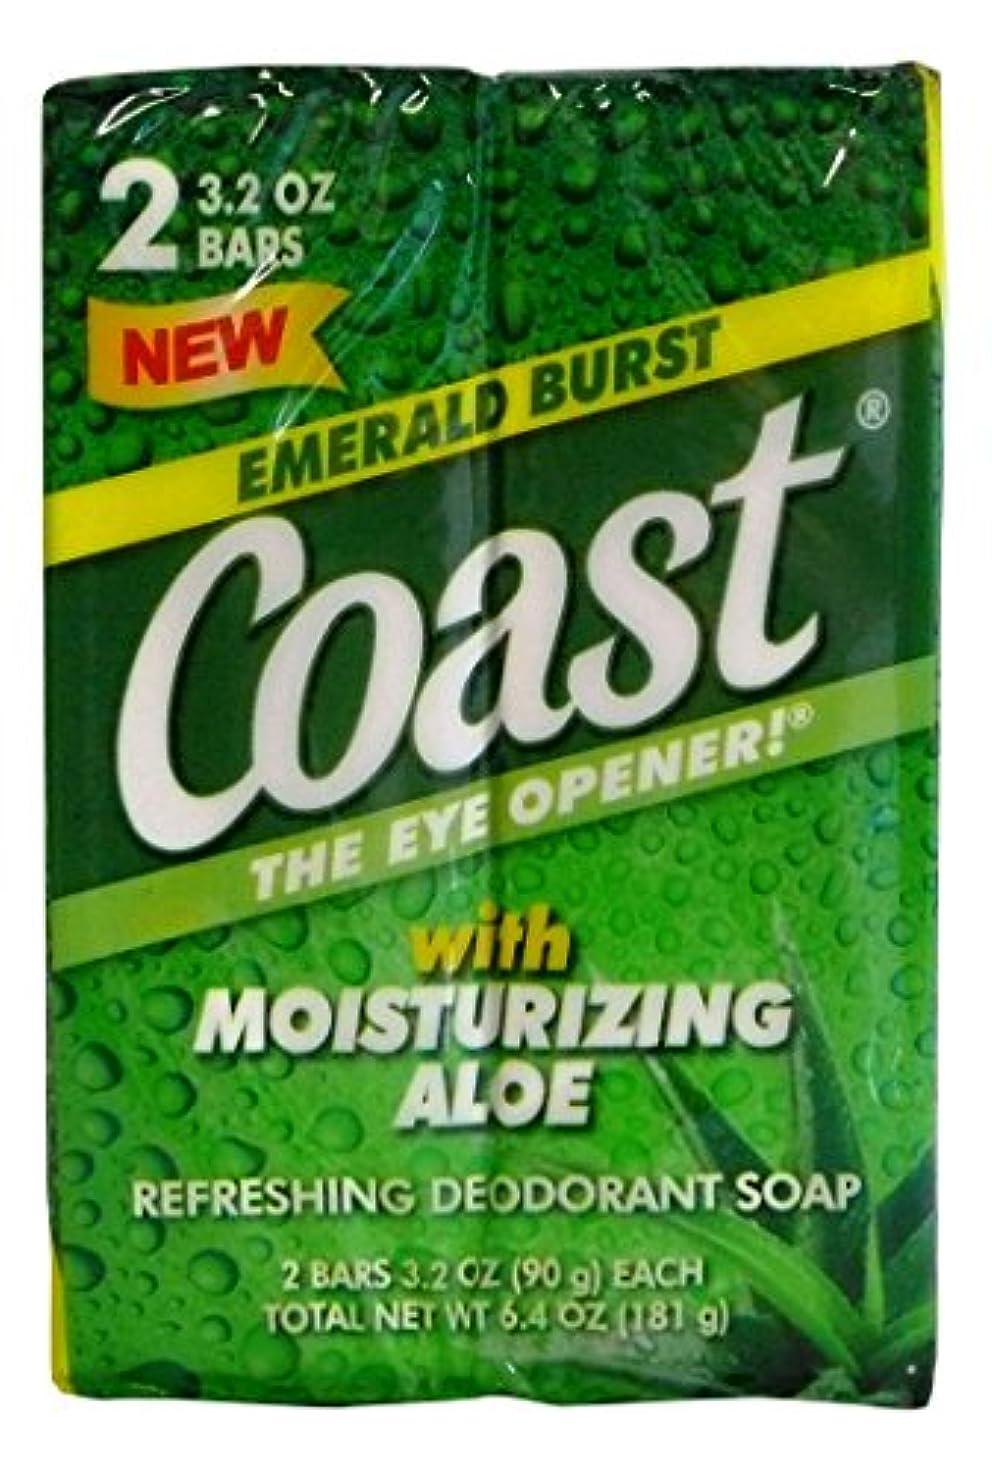 アマゾンジャングル肝ラベコースト 固形石鹸 エメラルドバースト 90g 2個入